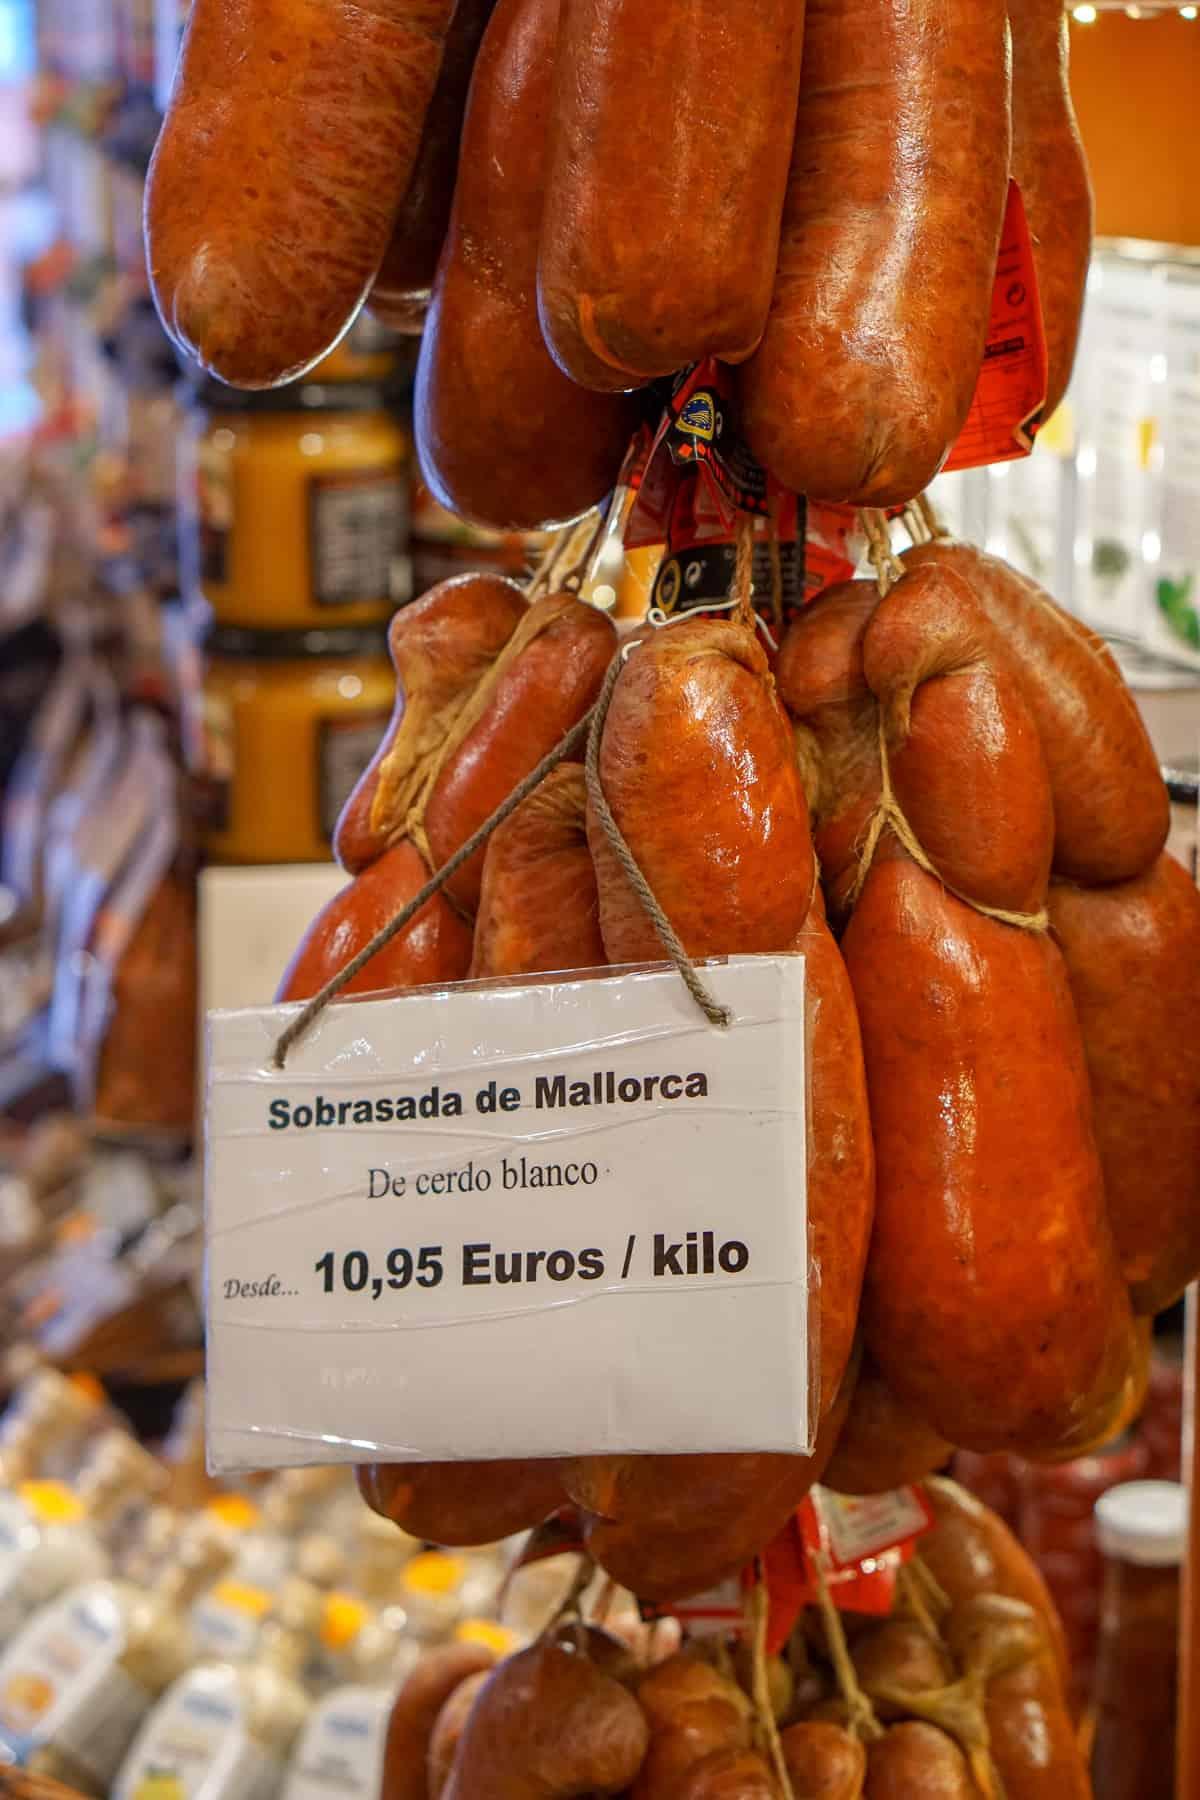 Mallorcan sobrassada hanging in a shop